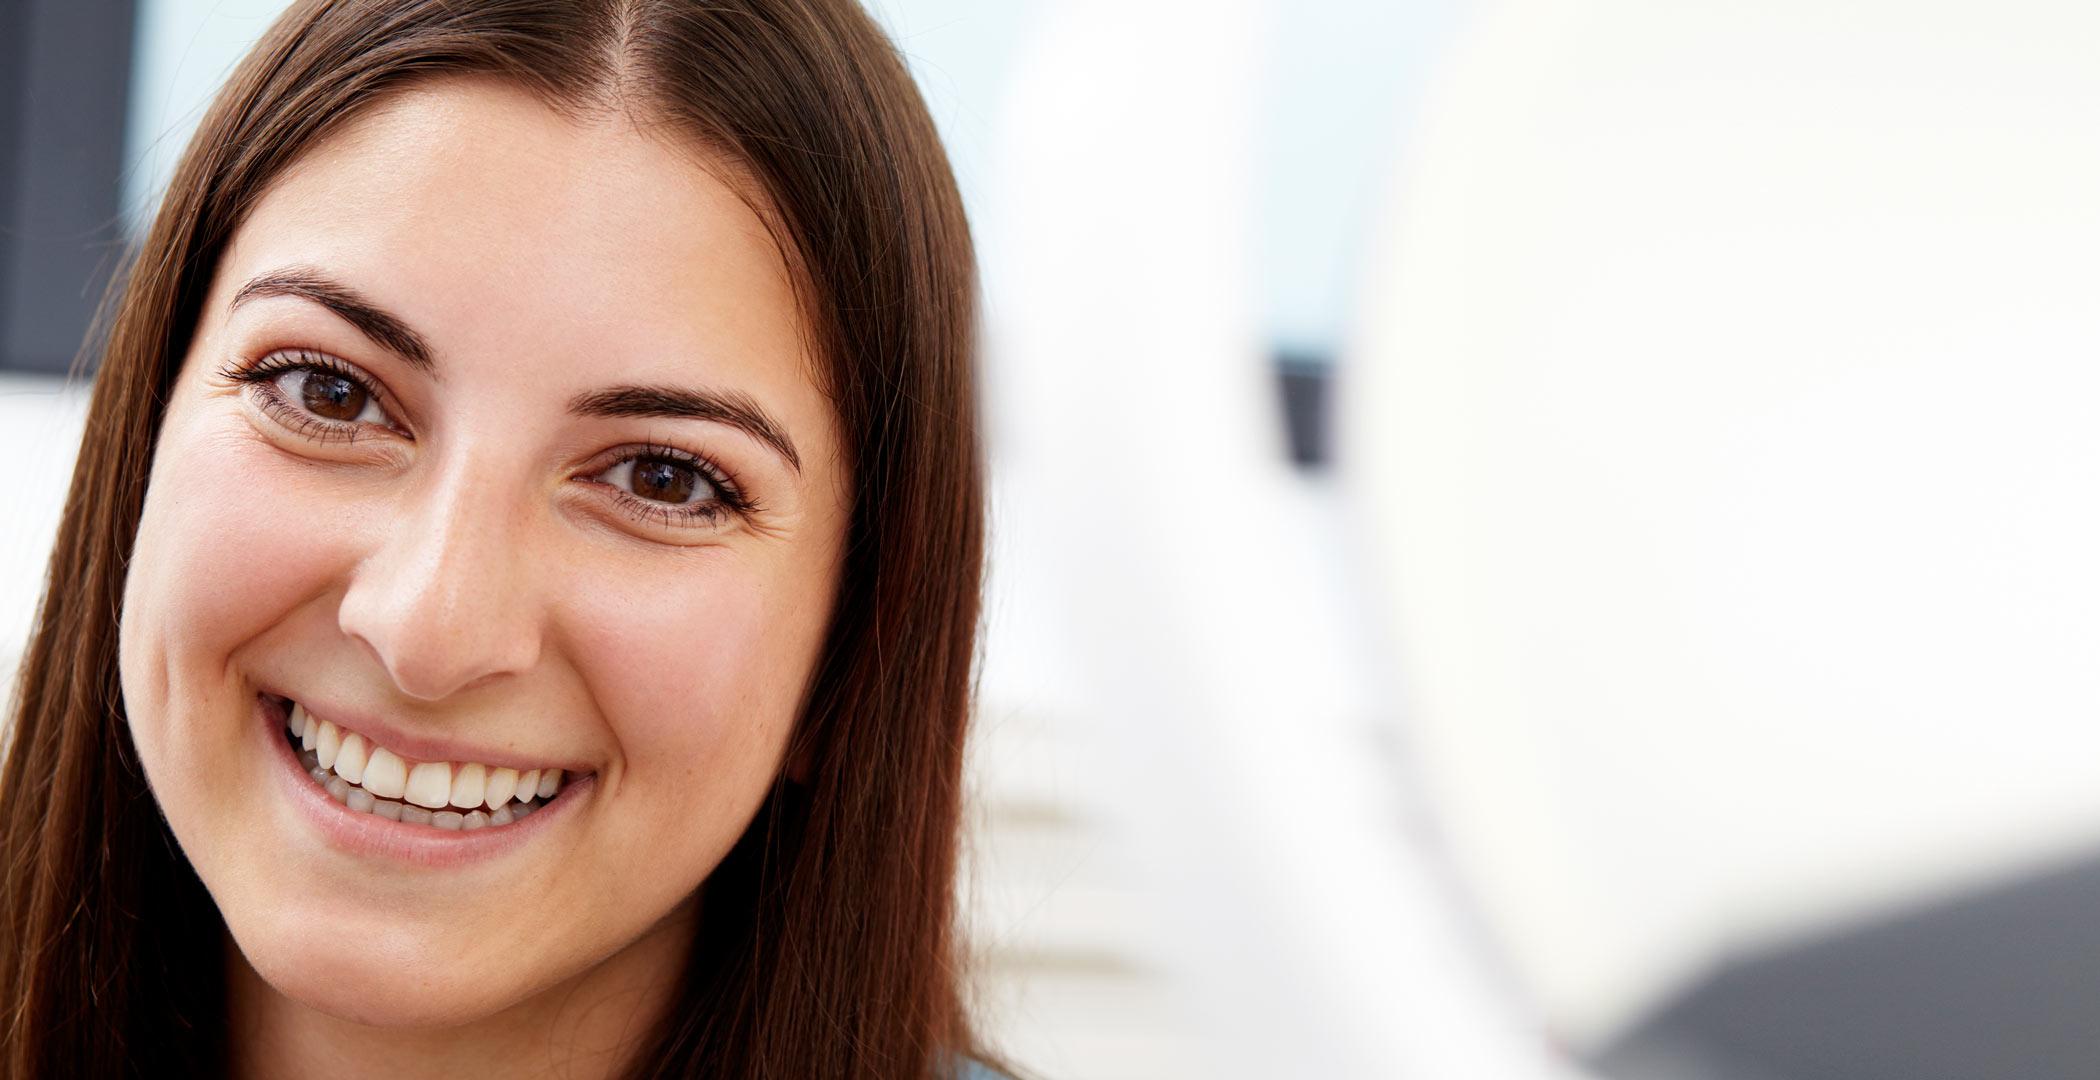 zahnaerzte-andernach-lasertherapie-und-ozontherapie